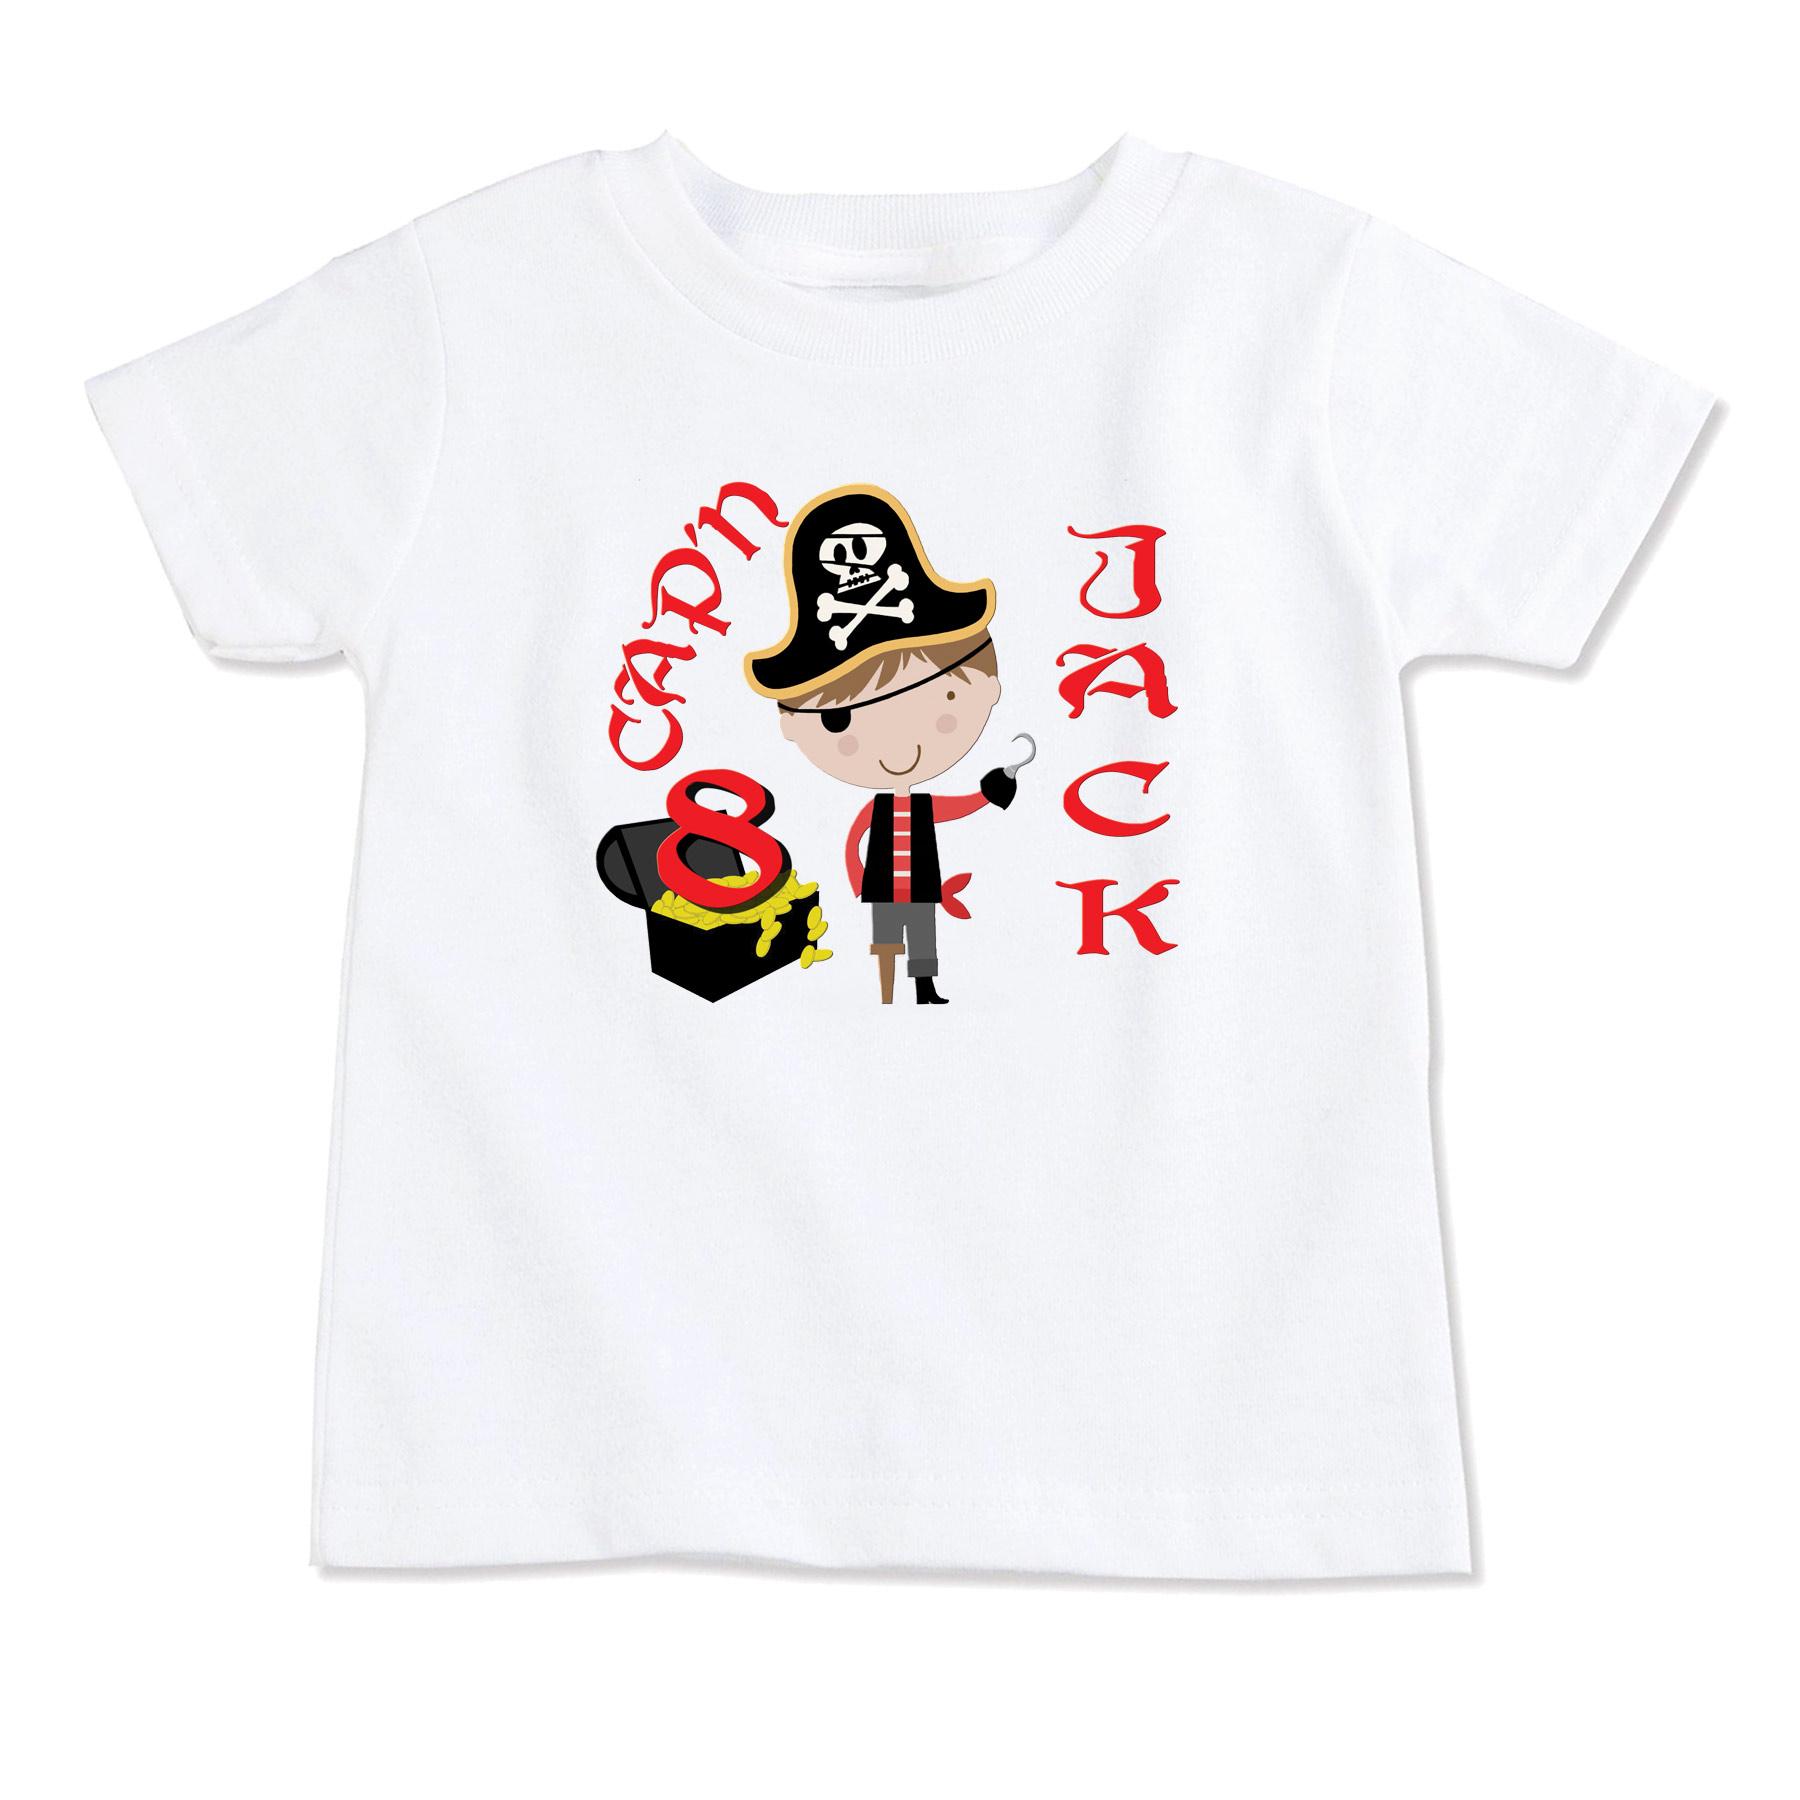 25e162b2c Pirate Boy T-Shirt,Pirate Girl T-Shirt,Birthday T-Shirt,Party T ...